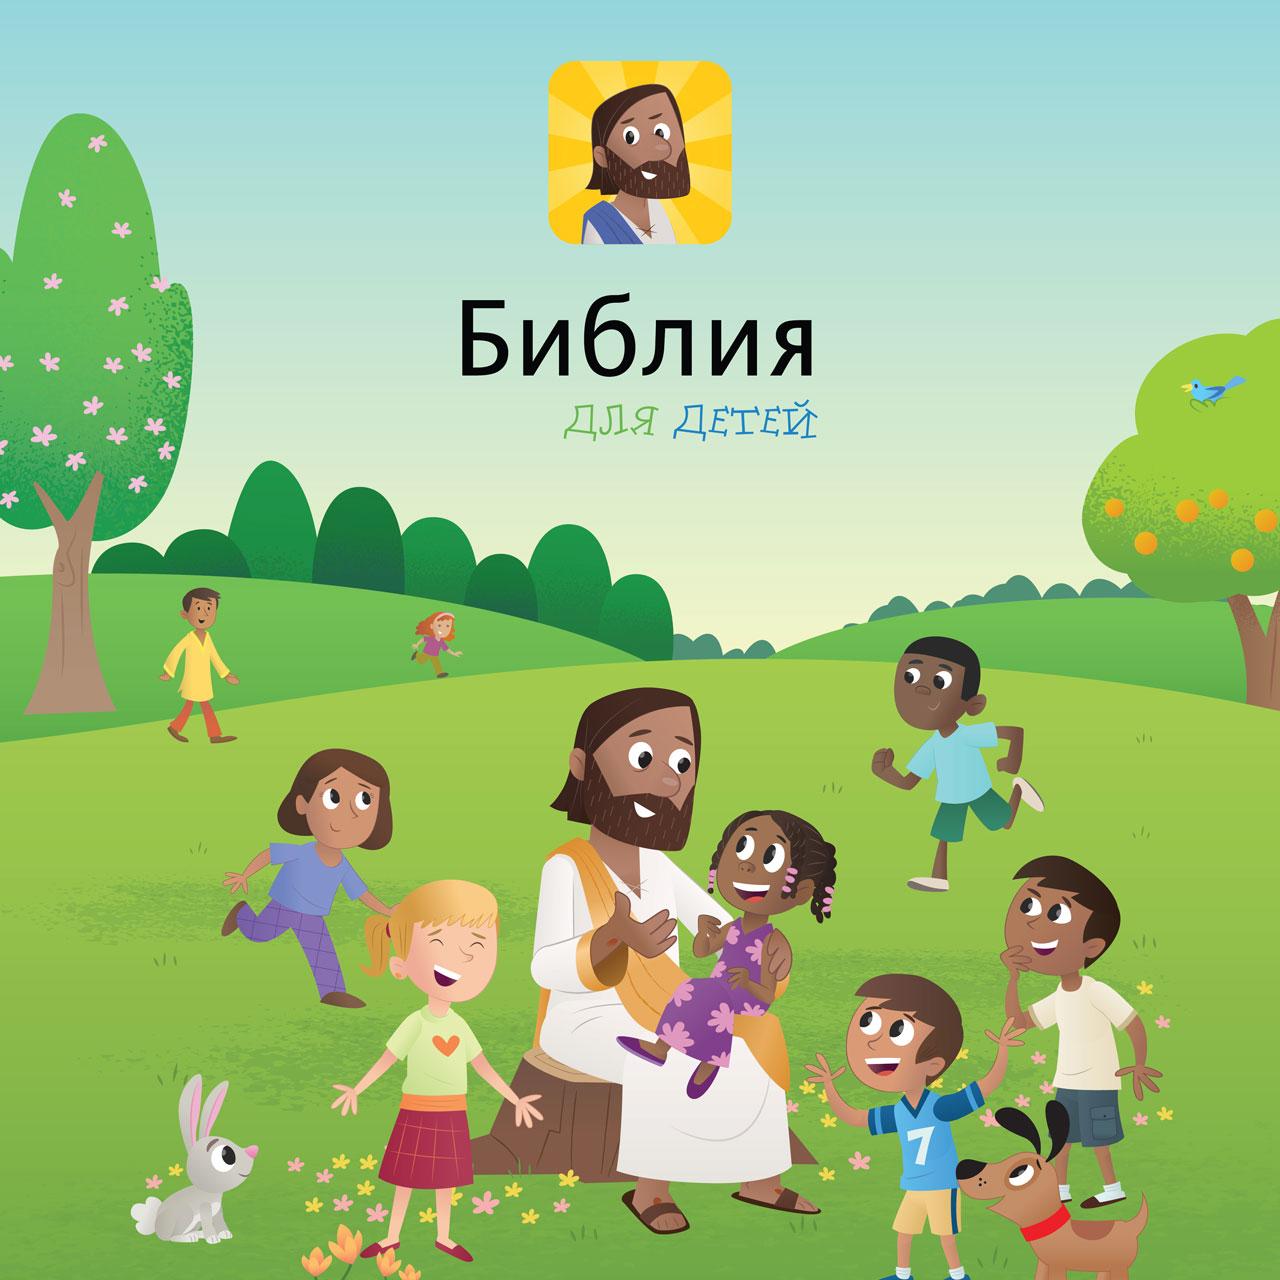 """Приложение """"Библия для детей"""" на русском языке уже доступно для скачивания на Andorid и iPhone устройствах"""